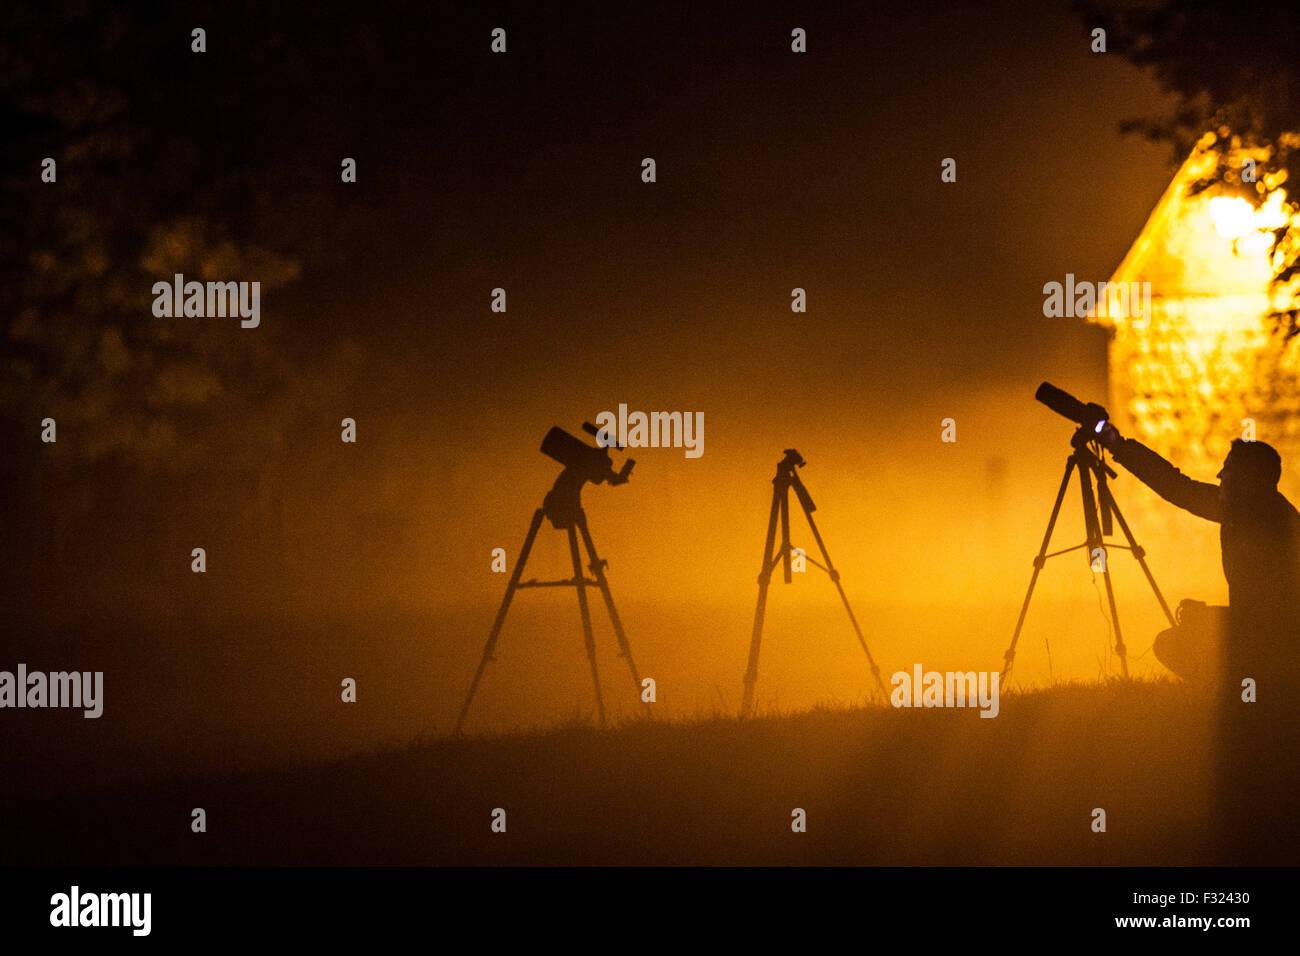 Silhouetten von Fotografen und Stative, die darauf warten, den Blutmond über Avebury zu fotografieren. Stockbild